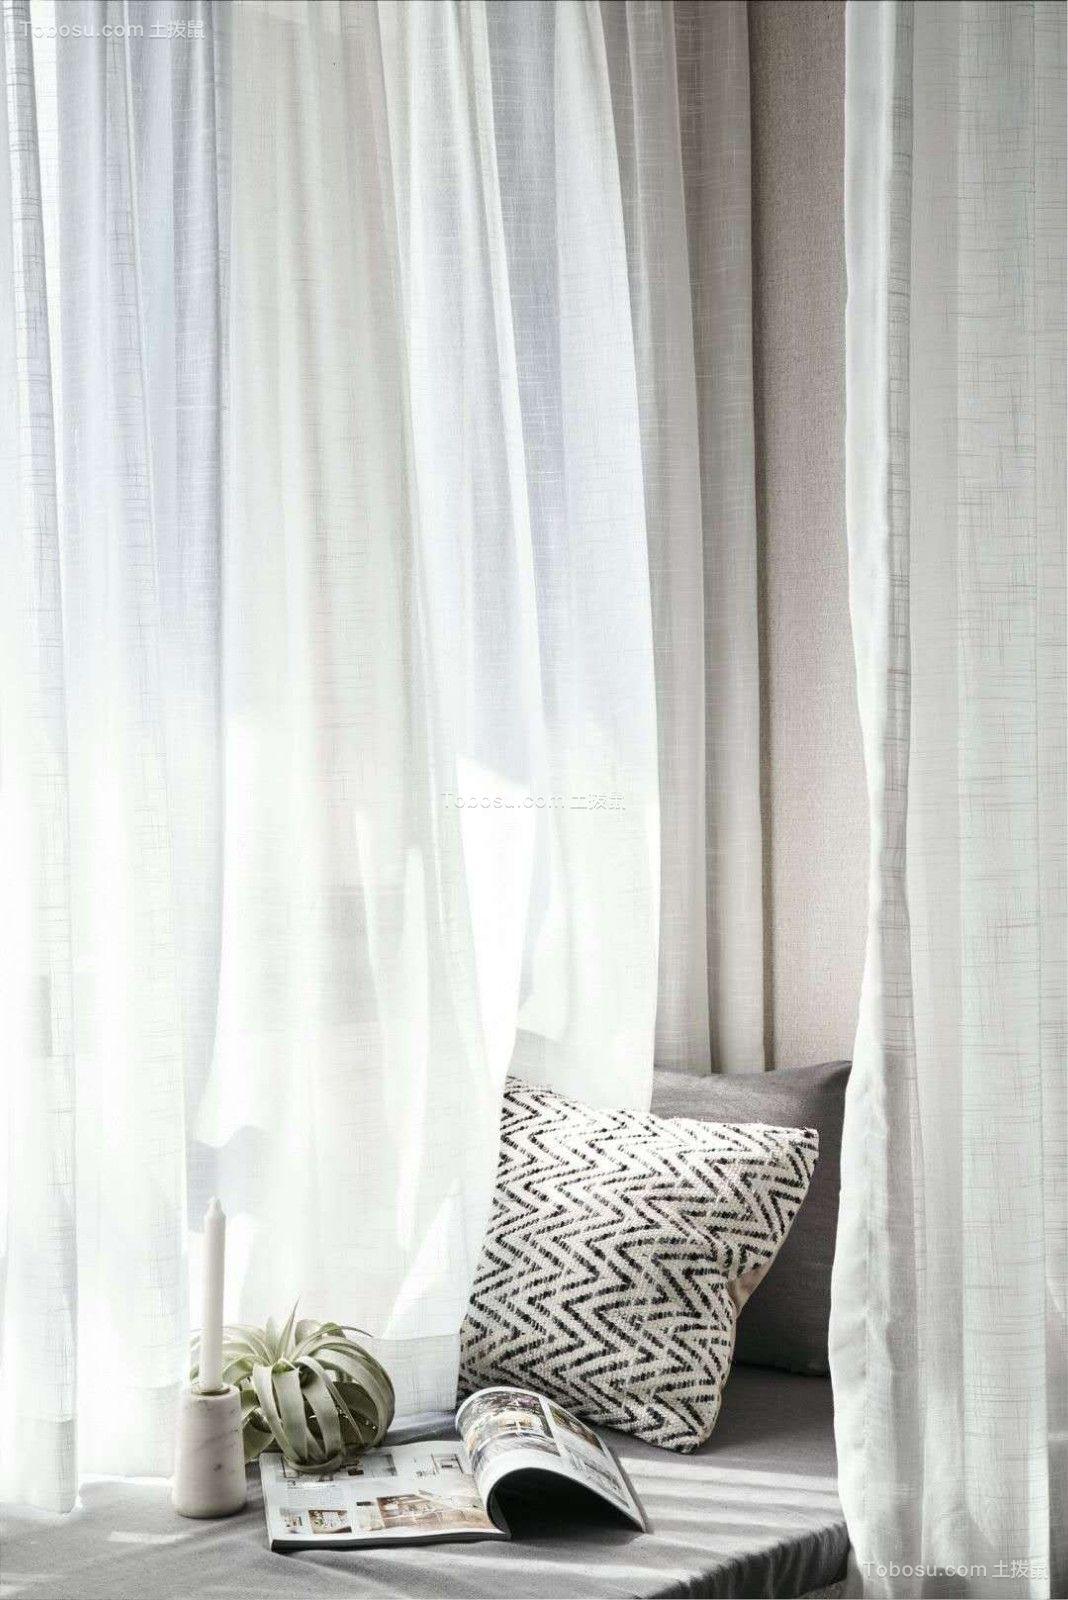 2019北欧阳光房设计图片 2019北欧落地窗装饰设计